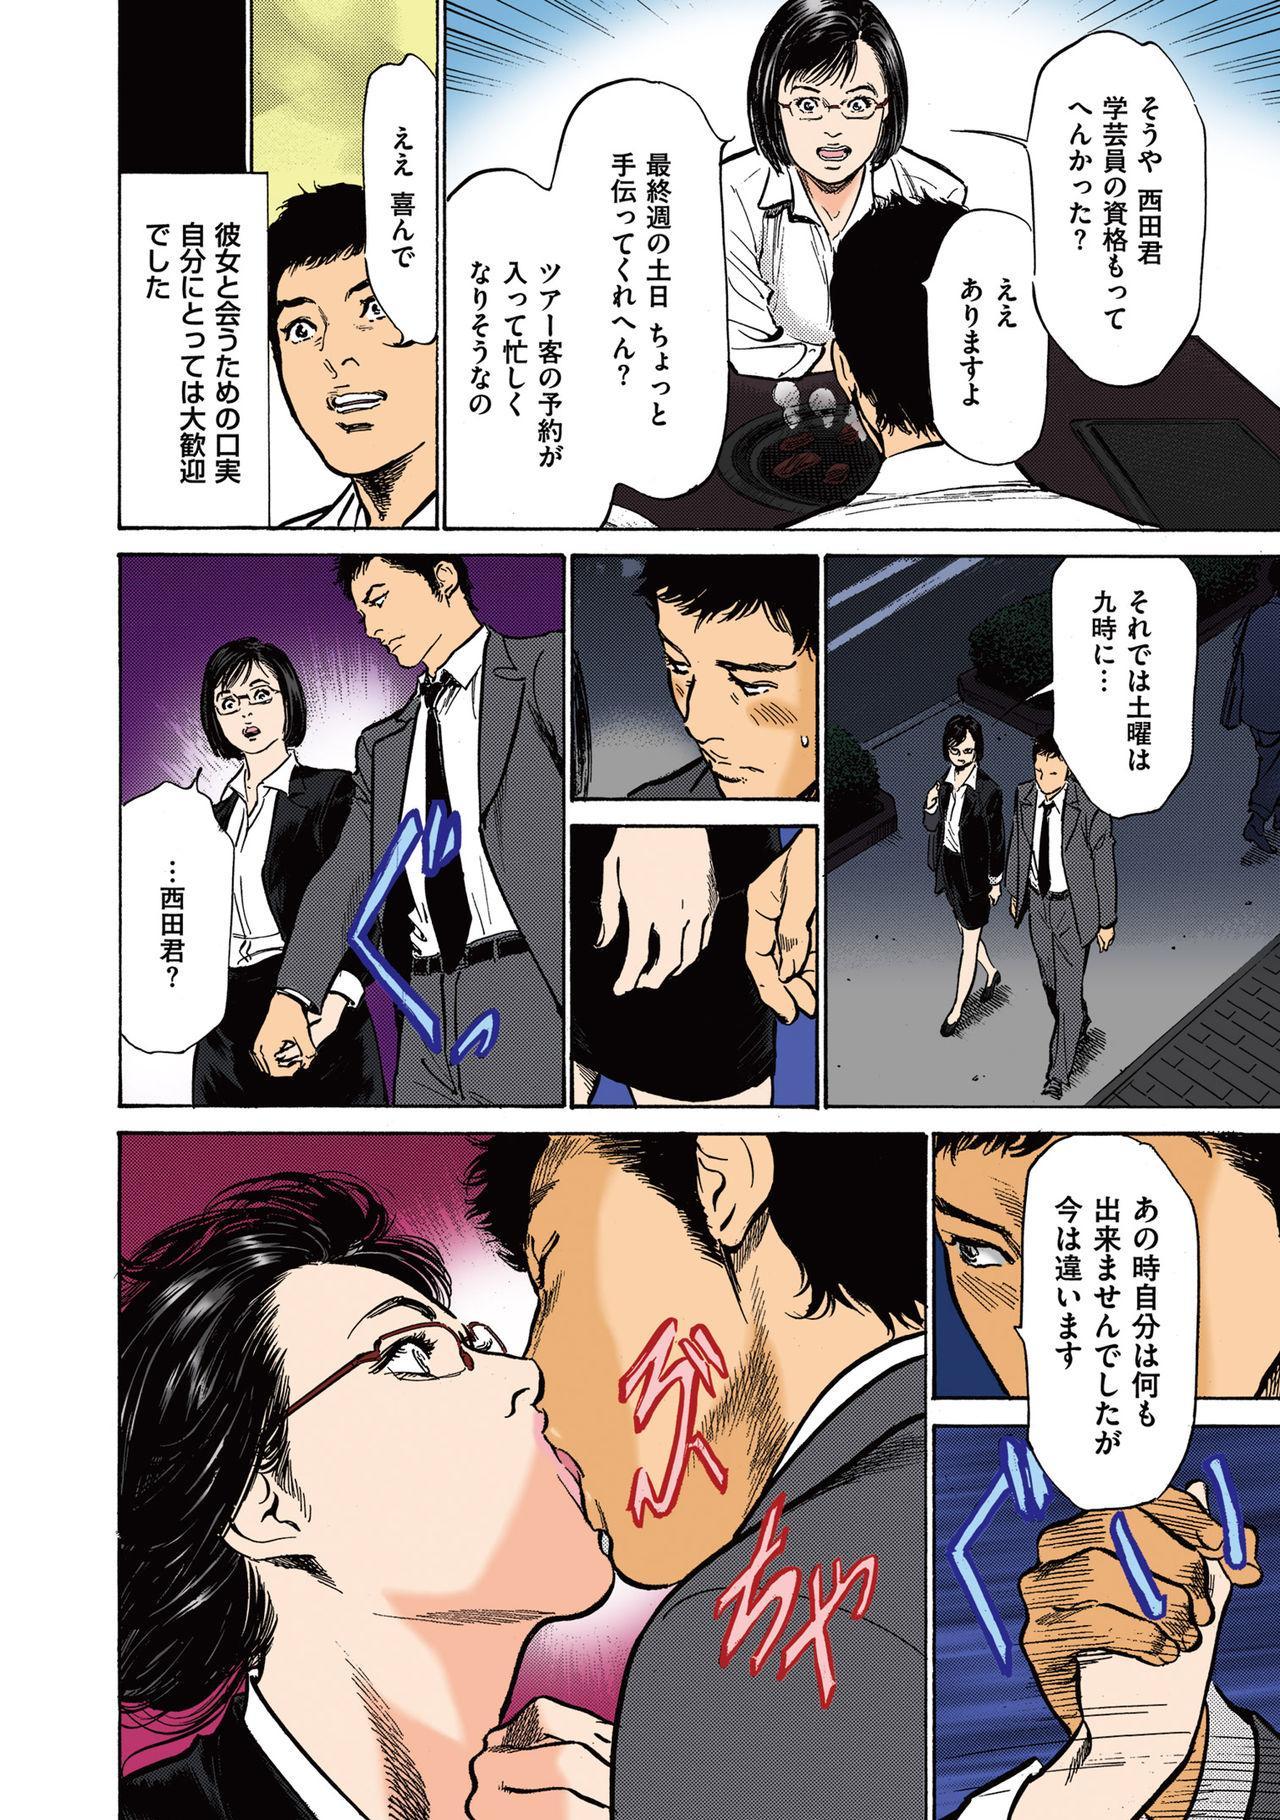 [Hazuki Kaoru] Hazuki Kaoru no Tamaranai Hanashi (Full Color Version) 2-1 57